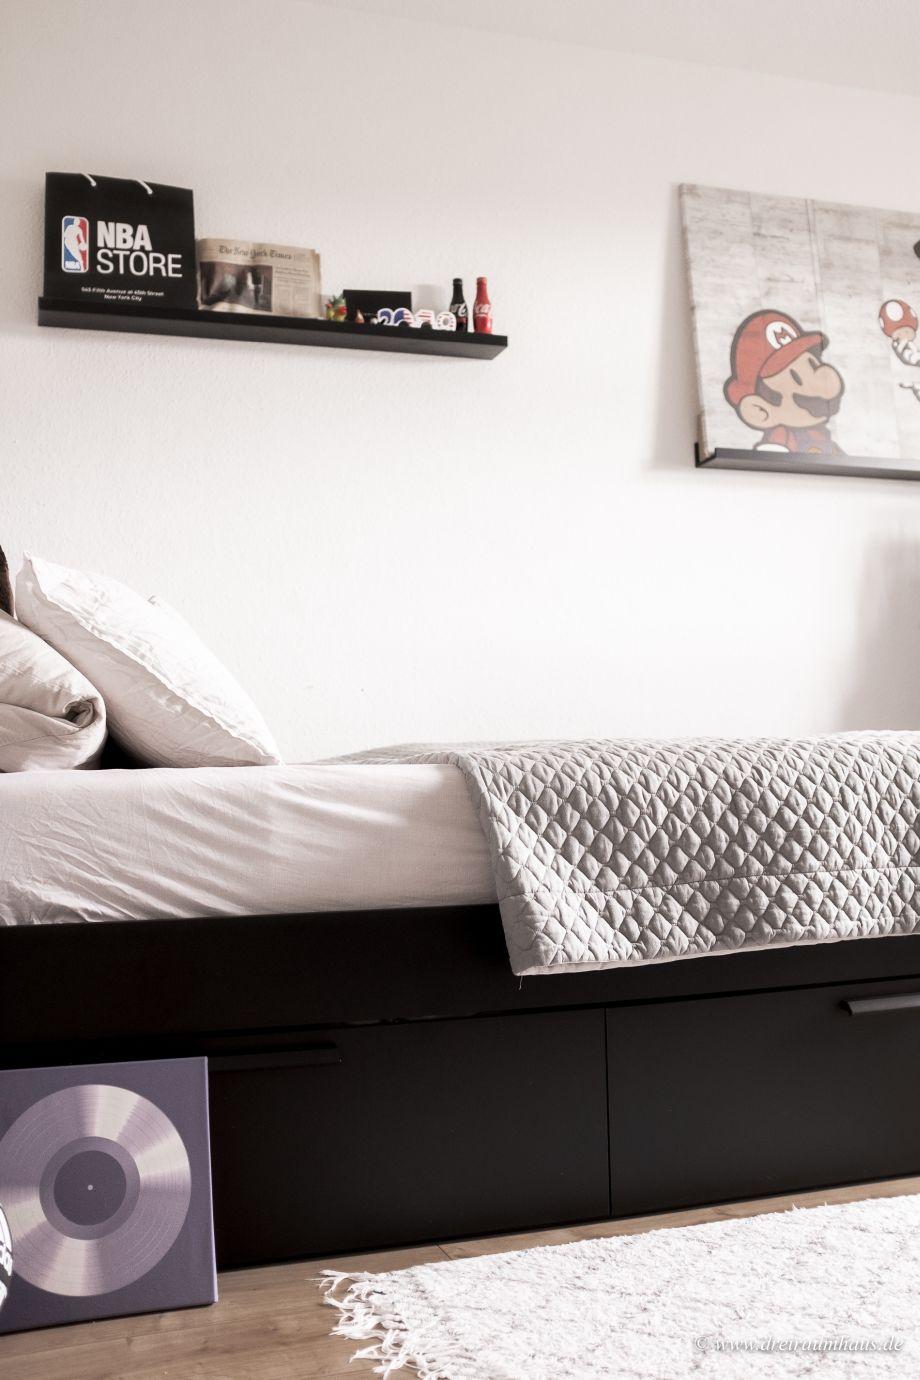 Dekosamstag: Wie richte ich das Zimmer eines Teenagers ein… oder richte ich es überhaupt ein?